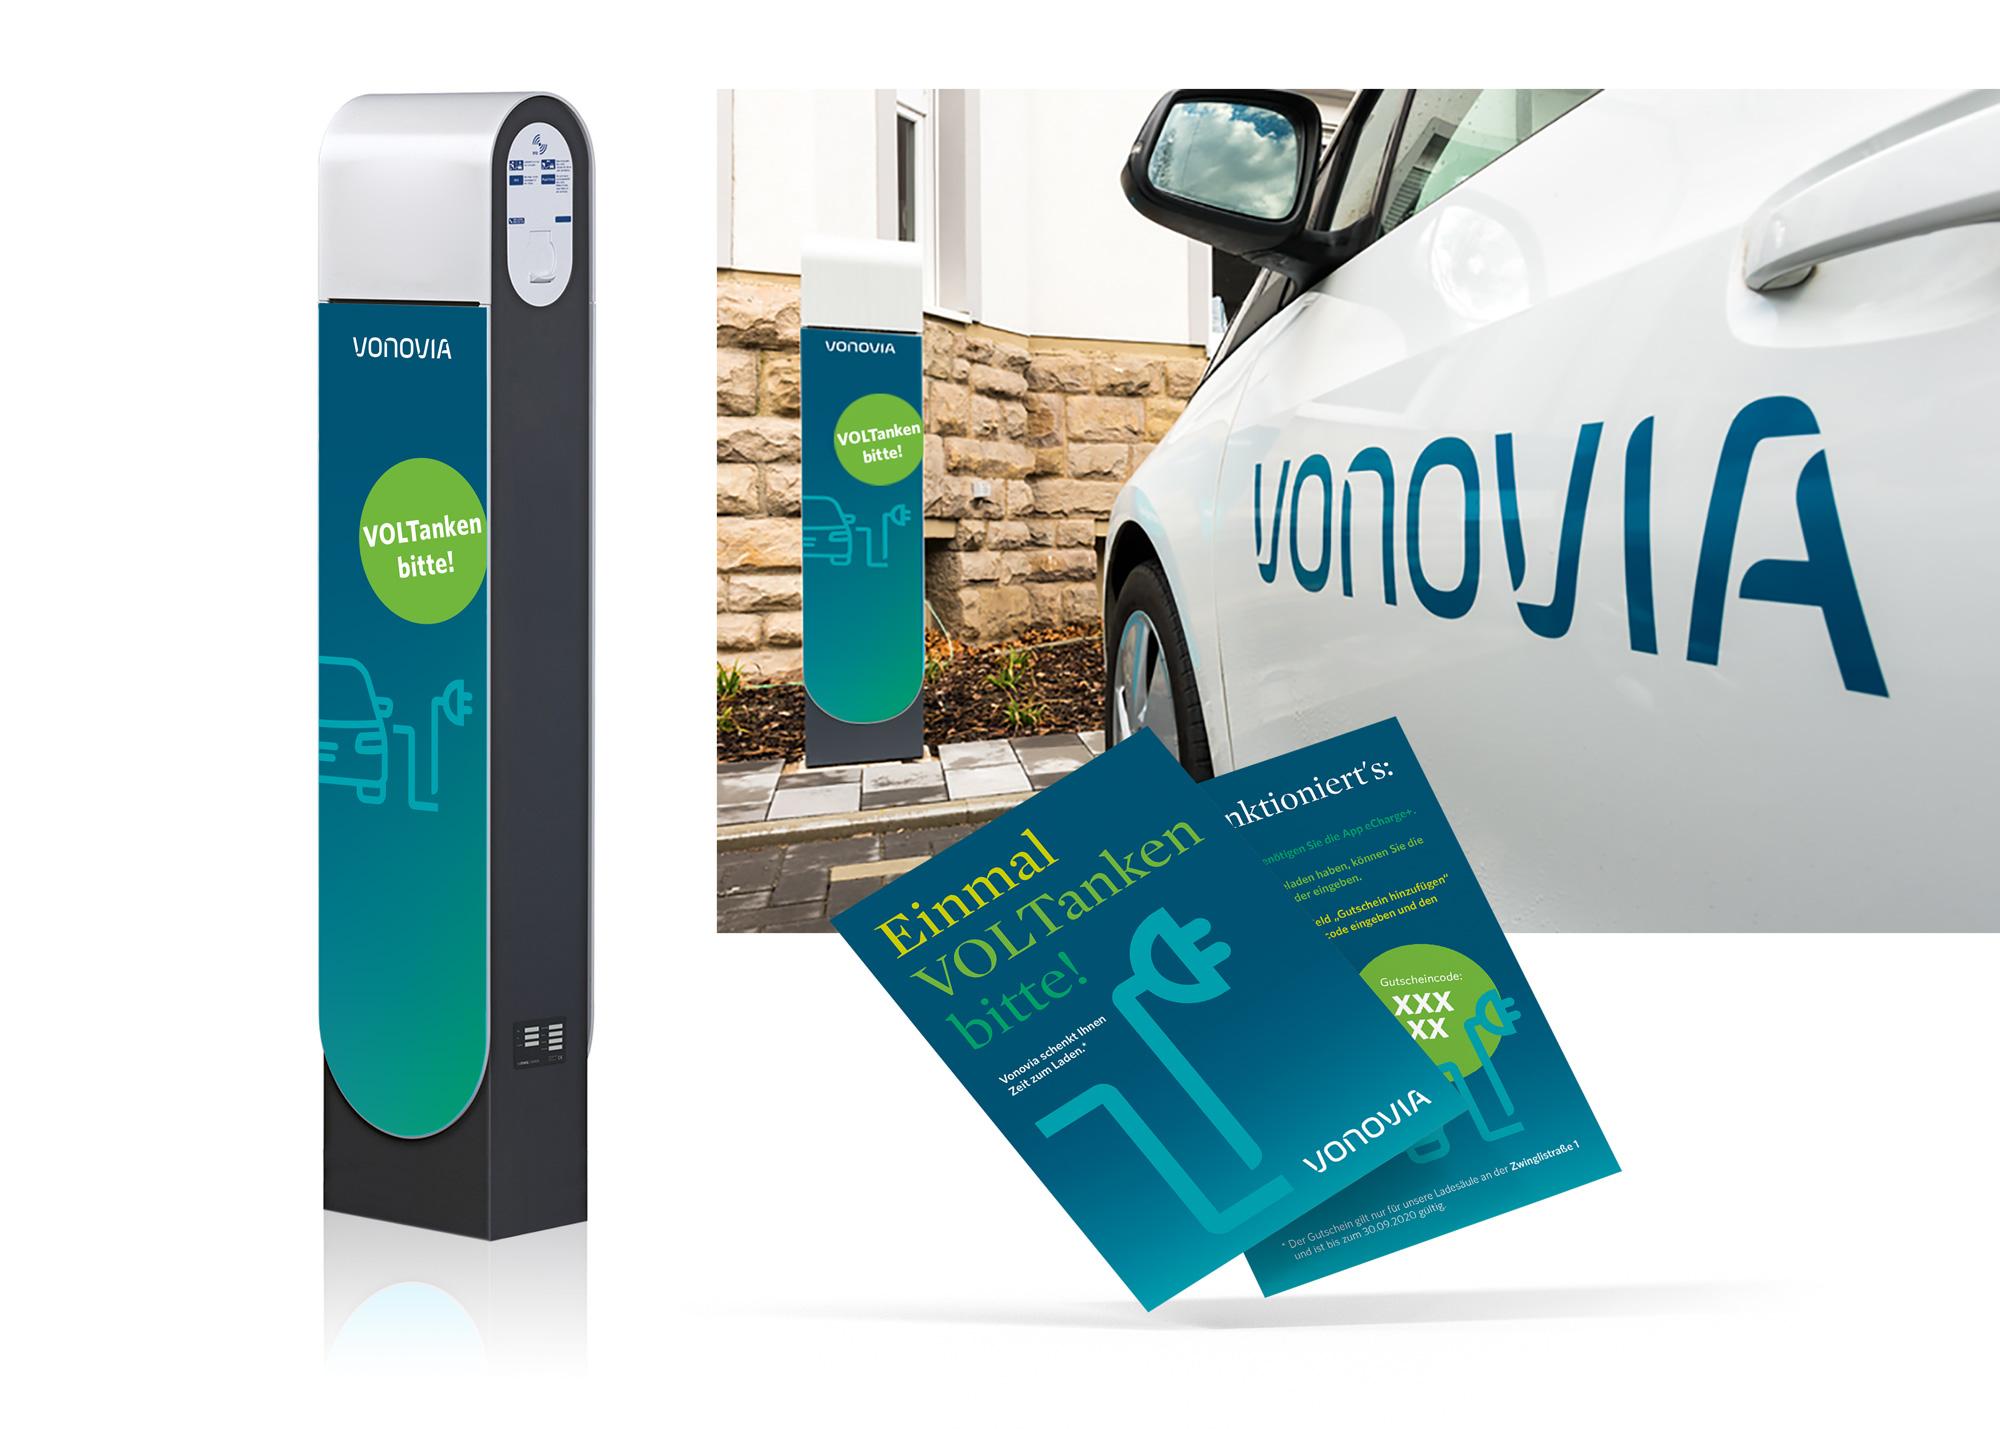 E-Ladesäule Aufdruck und Broschüre im CD von Vonovia